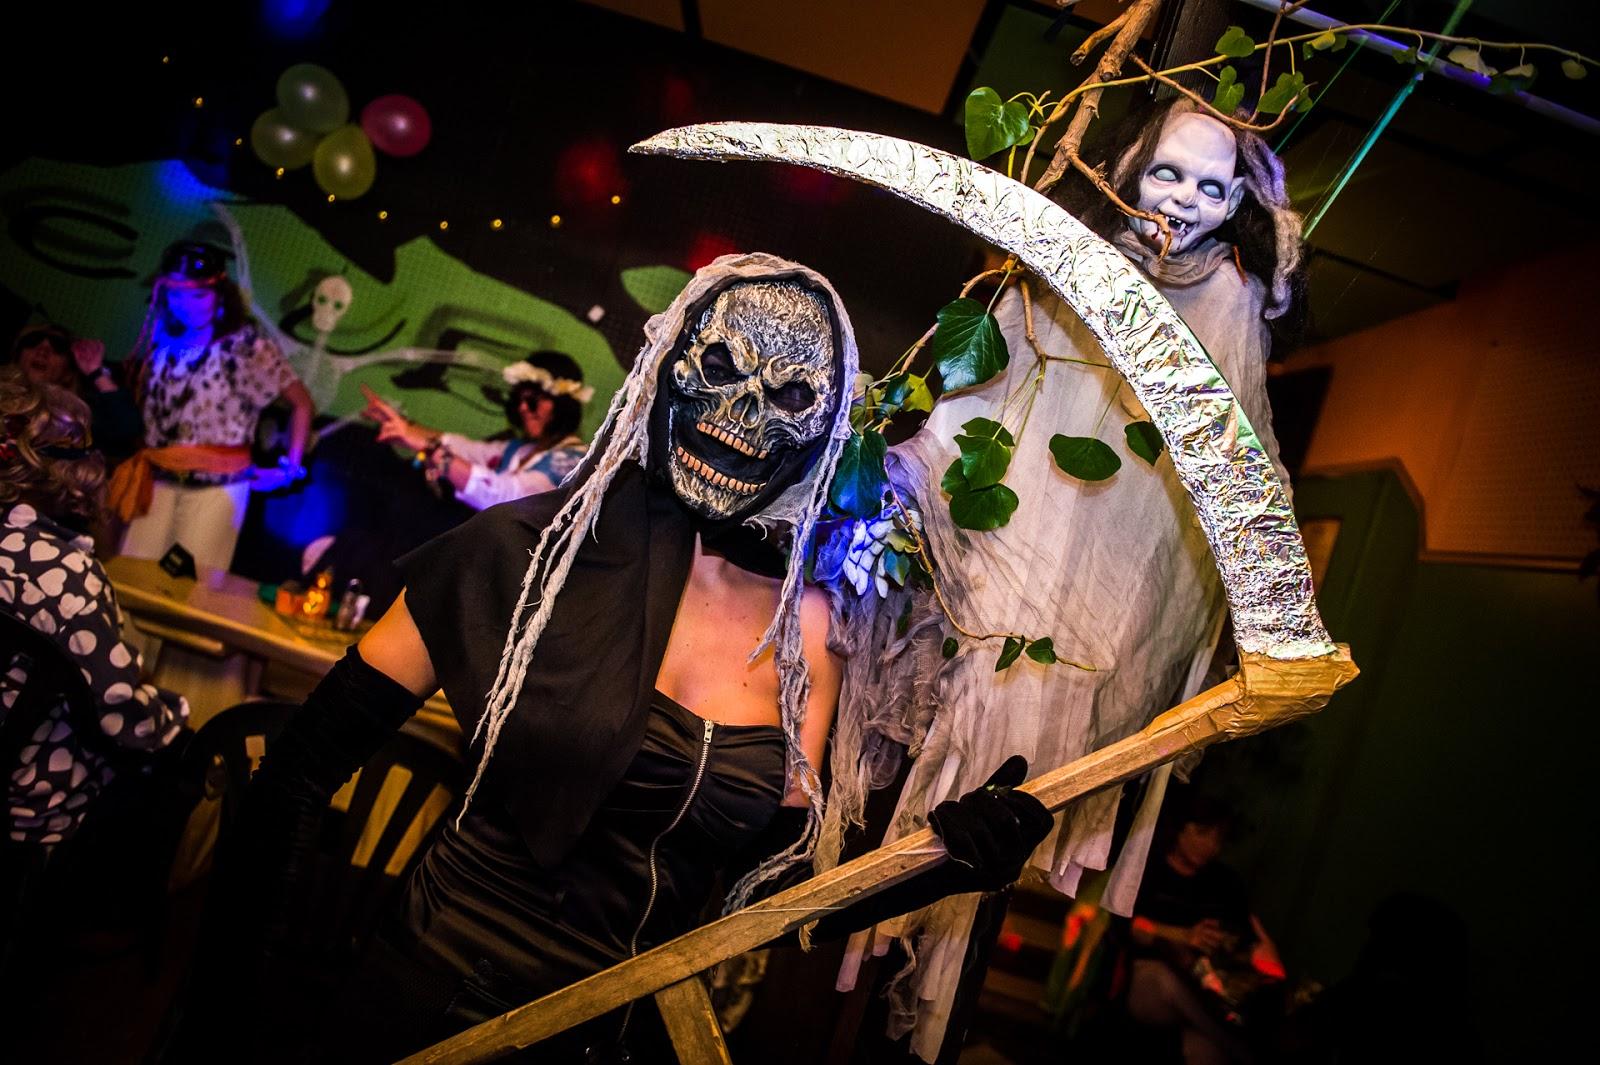 kostým, inšpirácia, maska